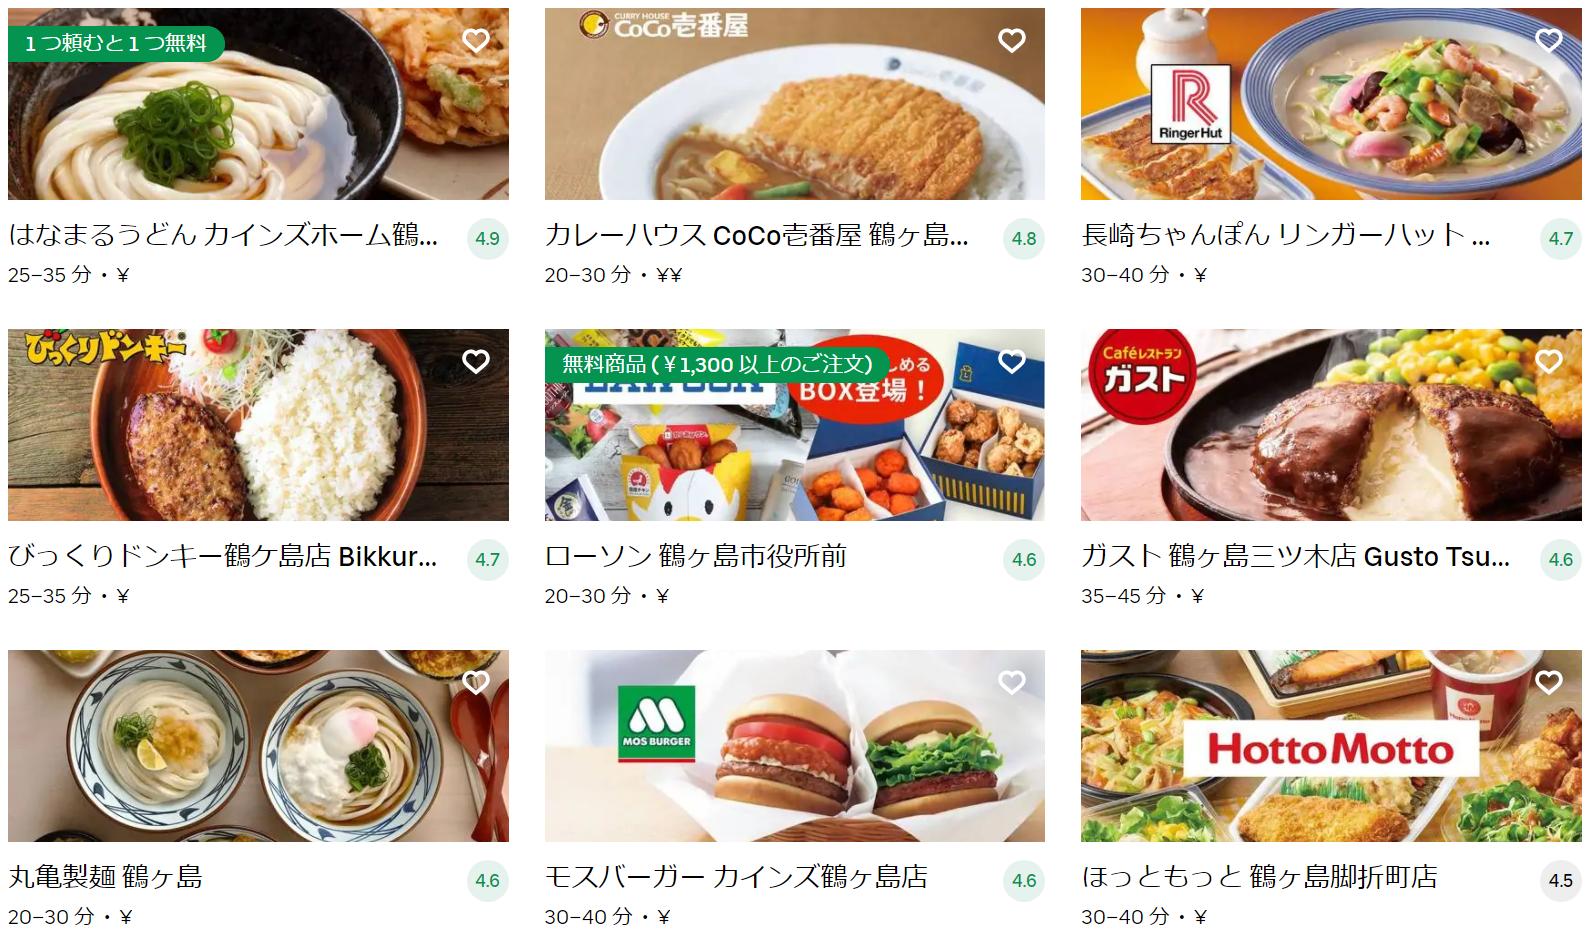 鶴ヶ島市エリアのおすすめUber Eats(ウーバーイーツ)メニュー